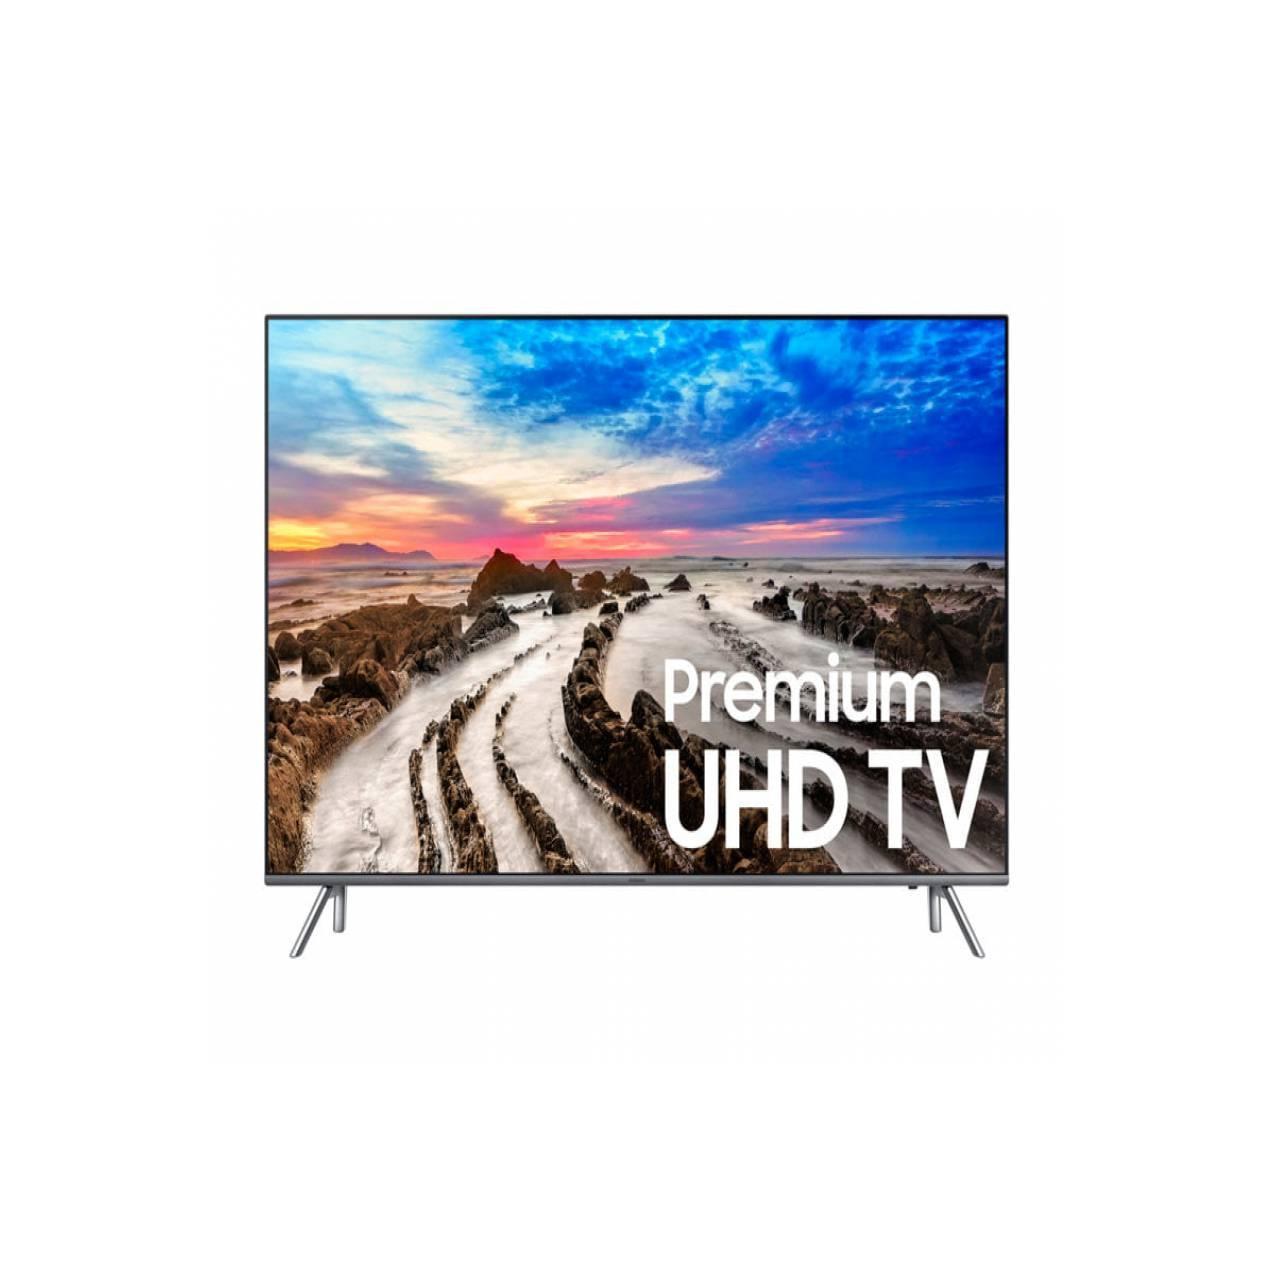 Samsung 55MU8000 55 inch UHD 4K Smart TV